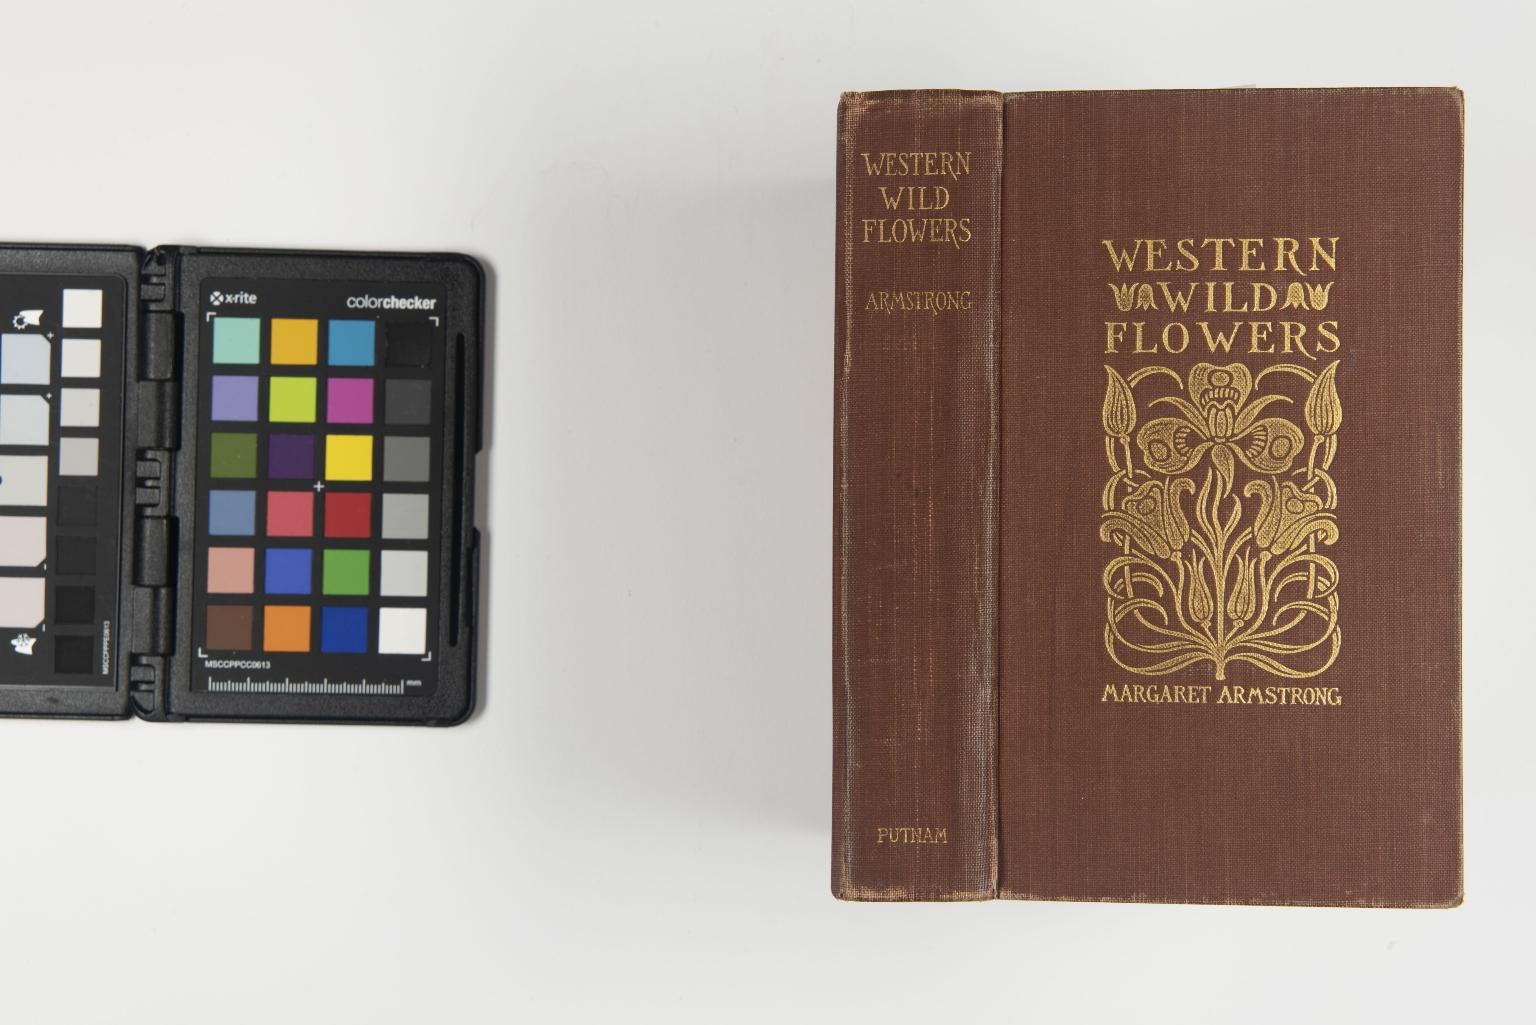 Field Book of Western Wild Flowers